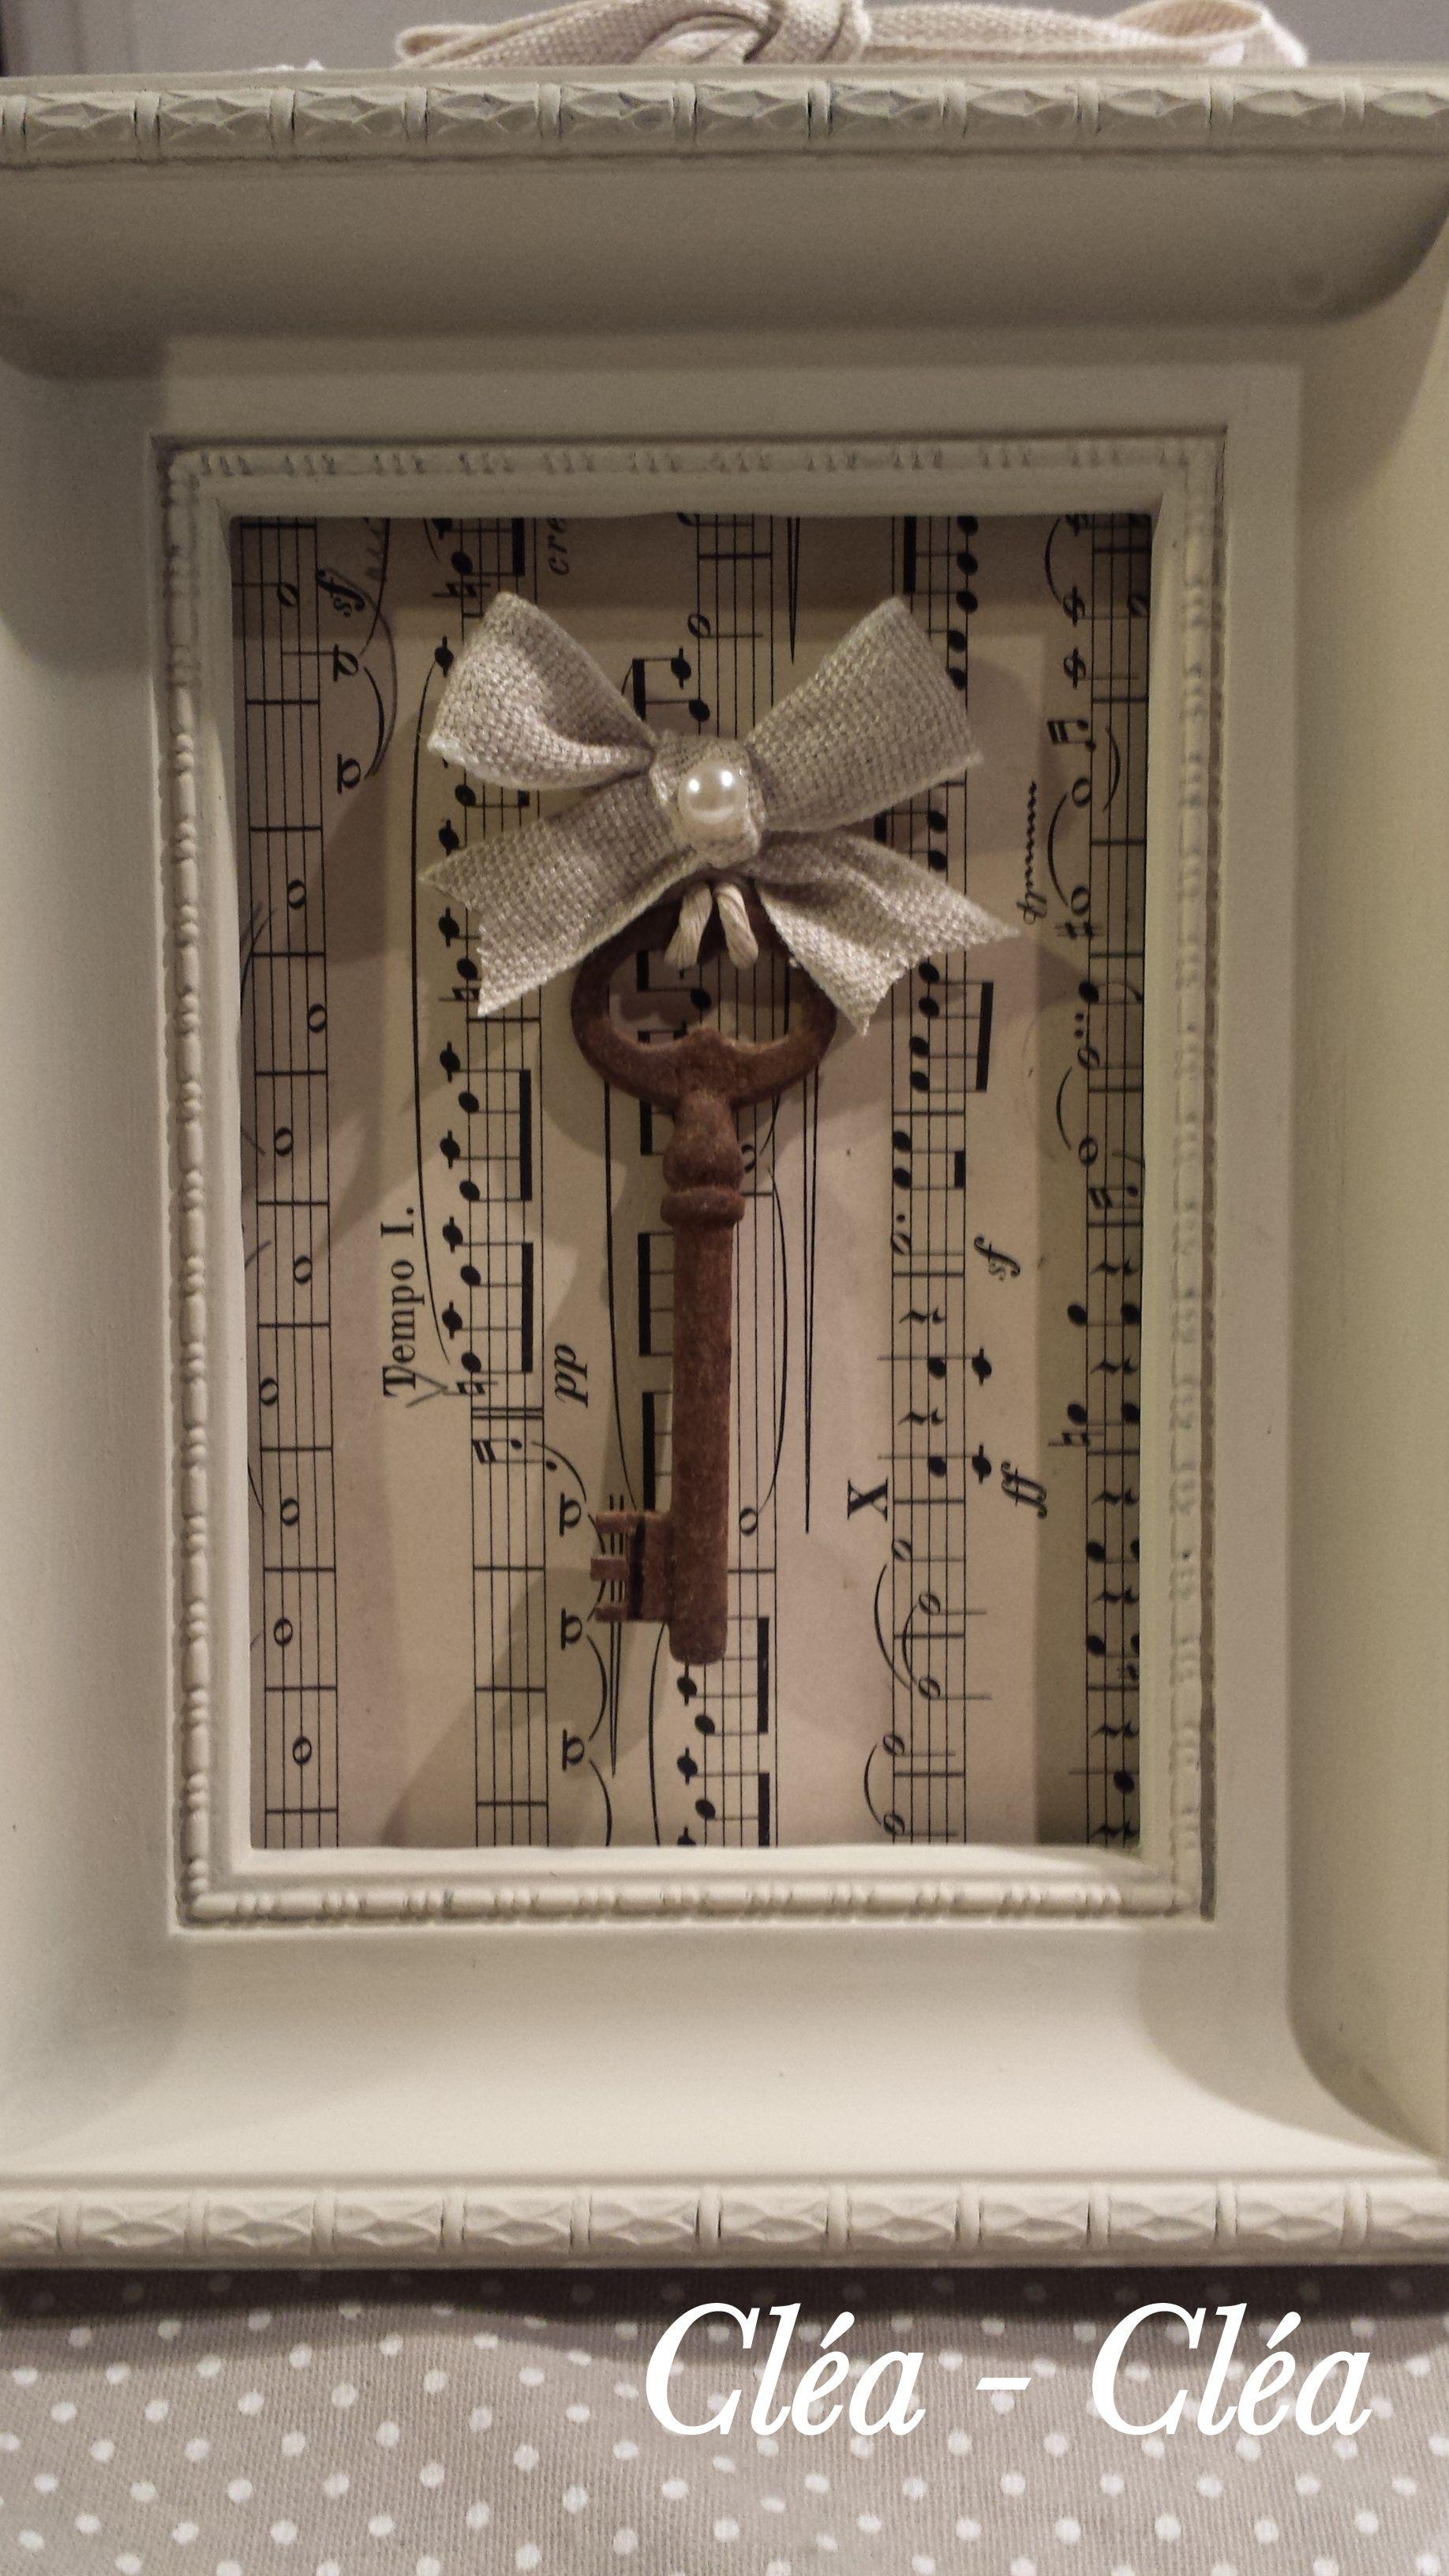 Pin de Juanita Lebda en Gifts   Pinterest   Cuadro, Marcos y ...